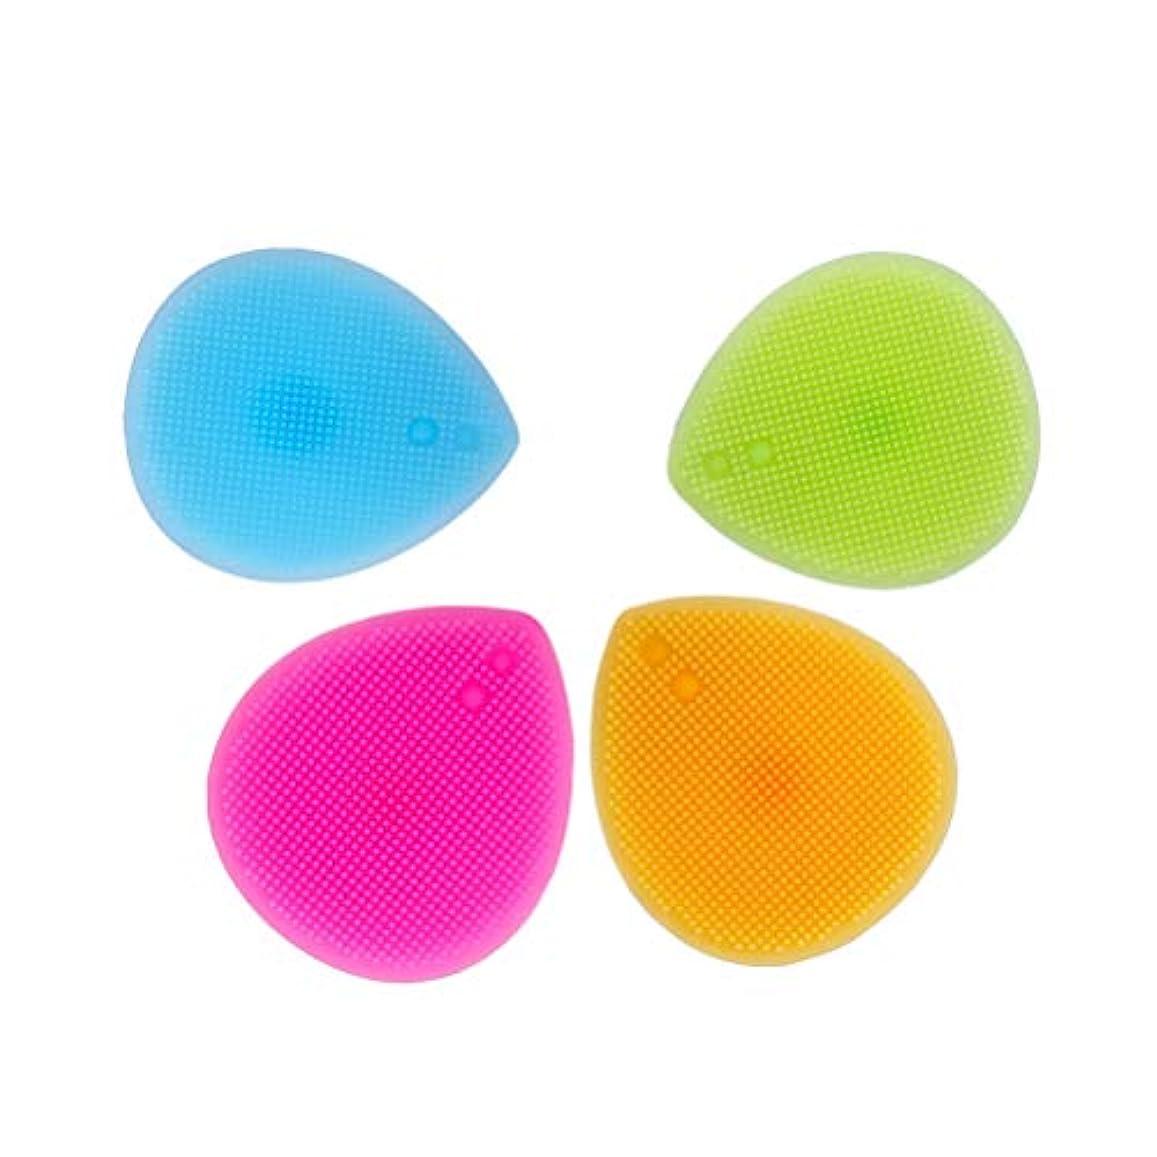 よろしく所得どちらかHEALIFTY シリコーンブラシクリーナー4PCSメイクアップブラシクリーニングパッドリトルラバーマット(オレンジ+ローズ+ブルー+グリーン)